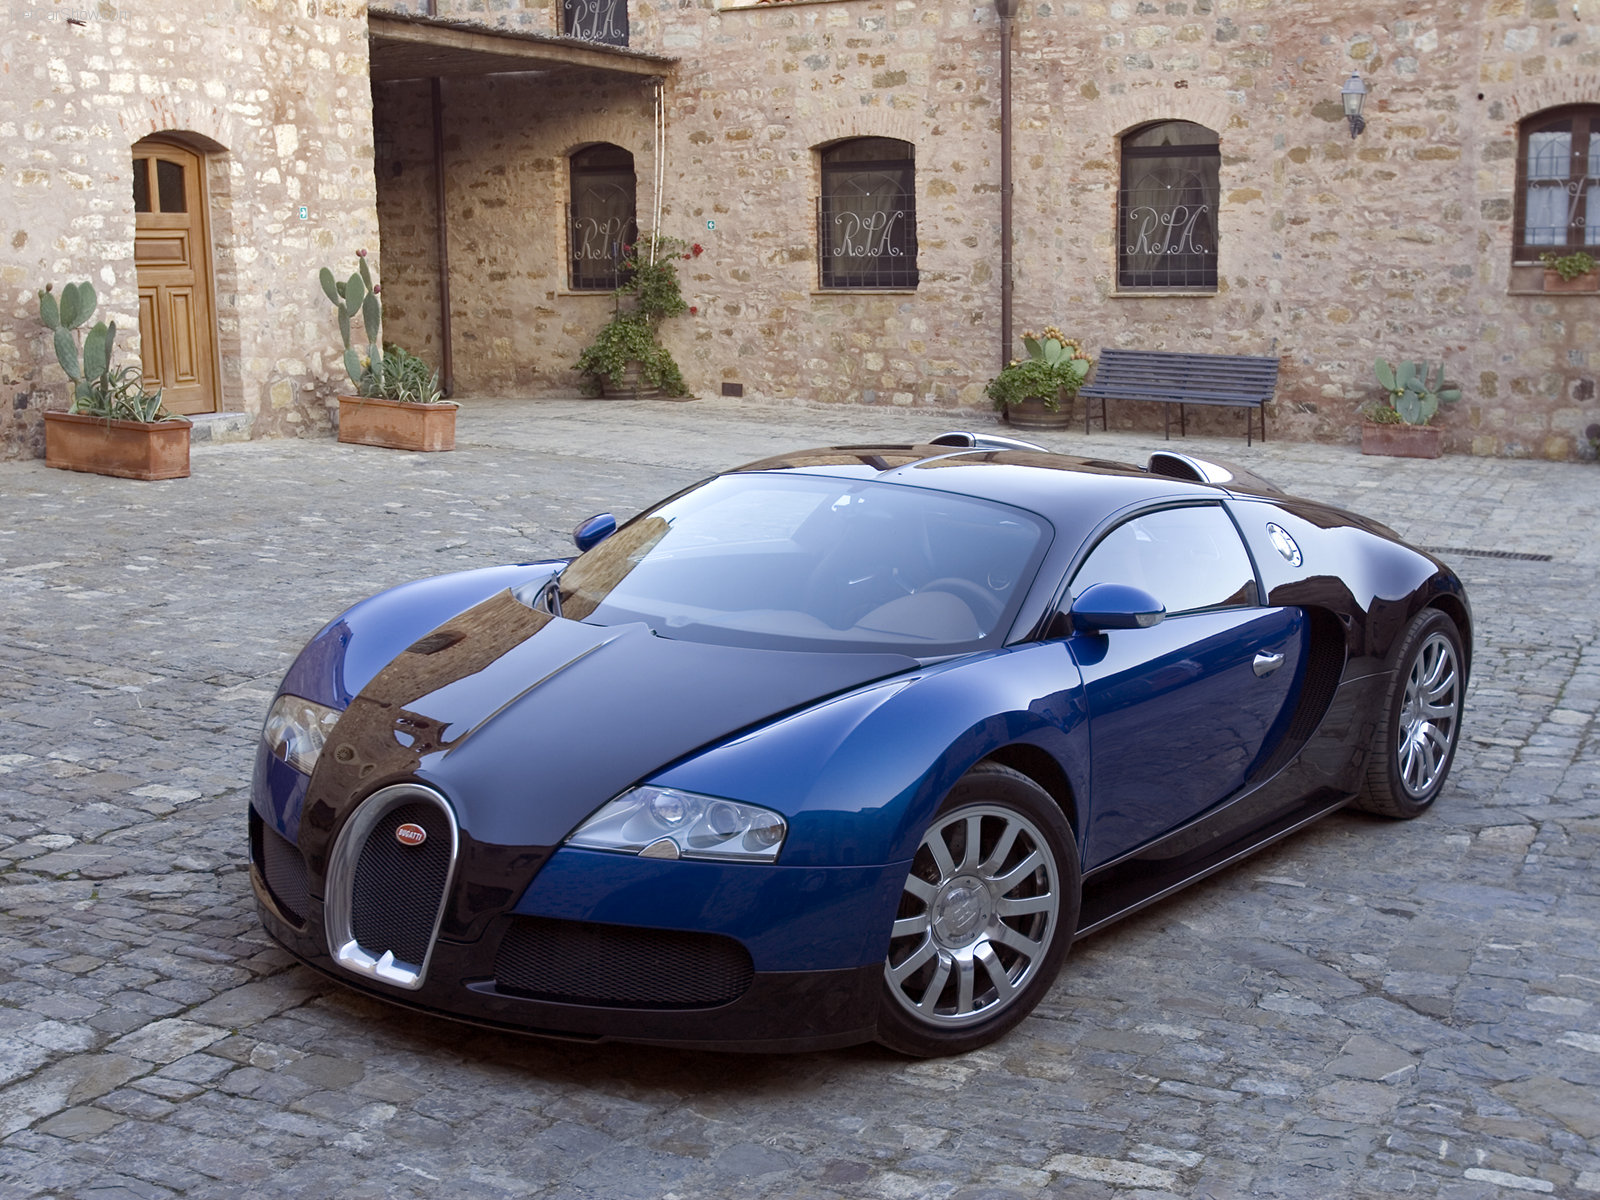 bugatti eb 16 4 veyron picture 32569 bugatti photo gallery. Black Bedroom Furniture Sets. Home Design Ideas